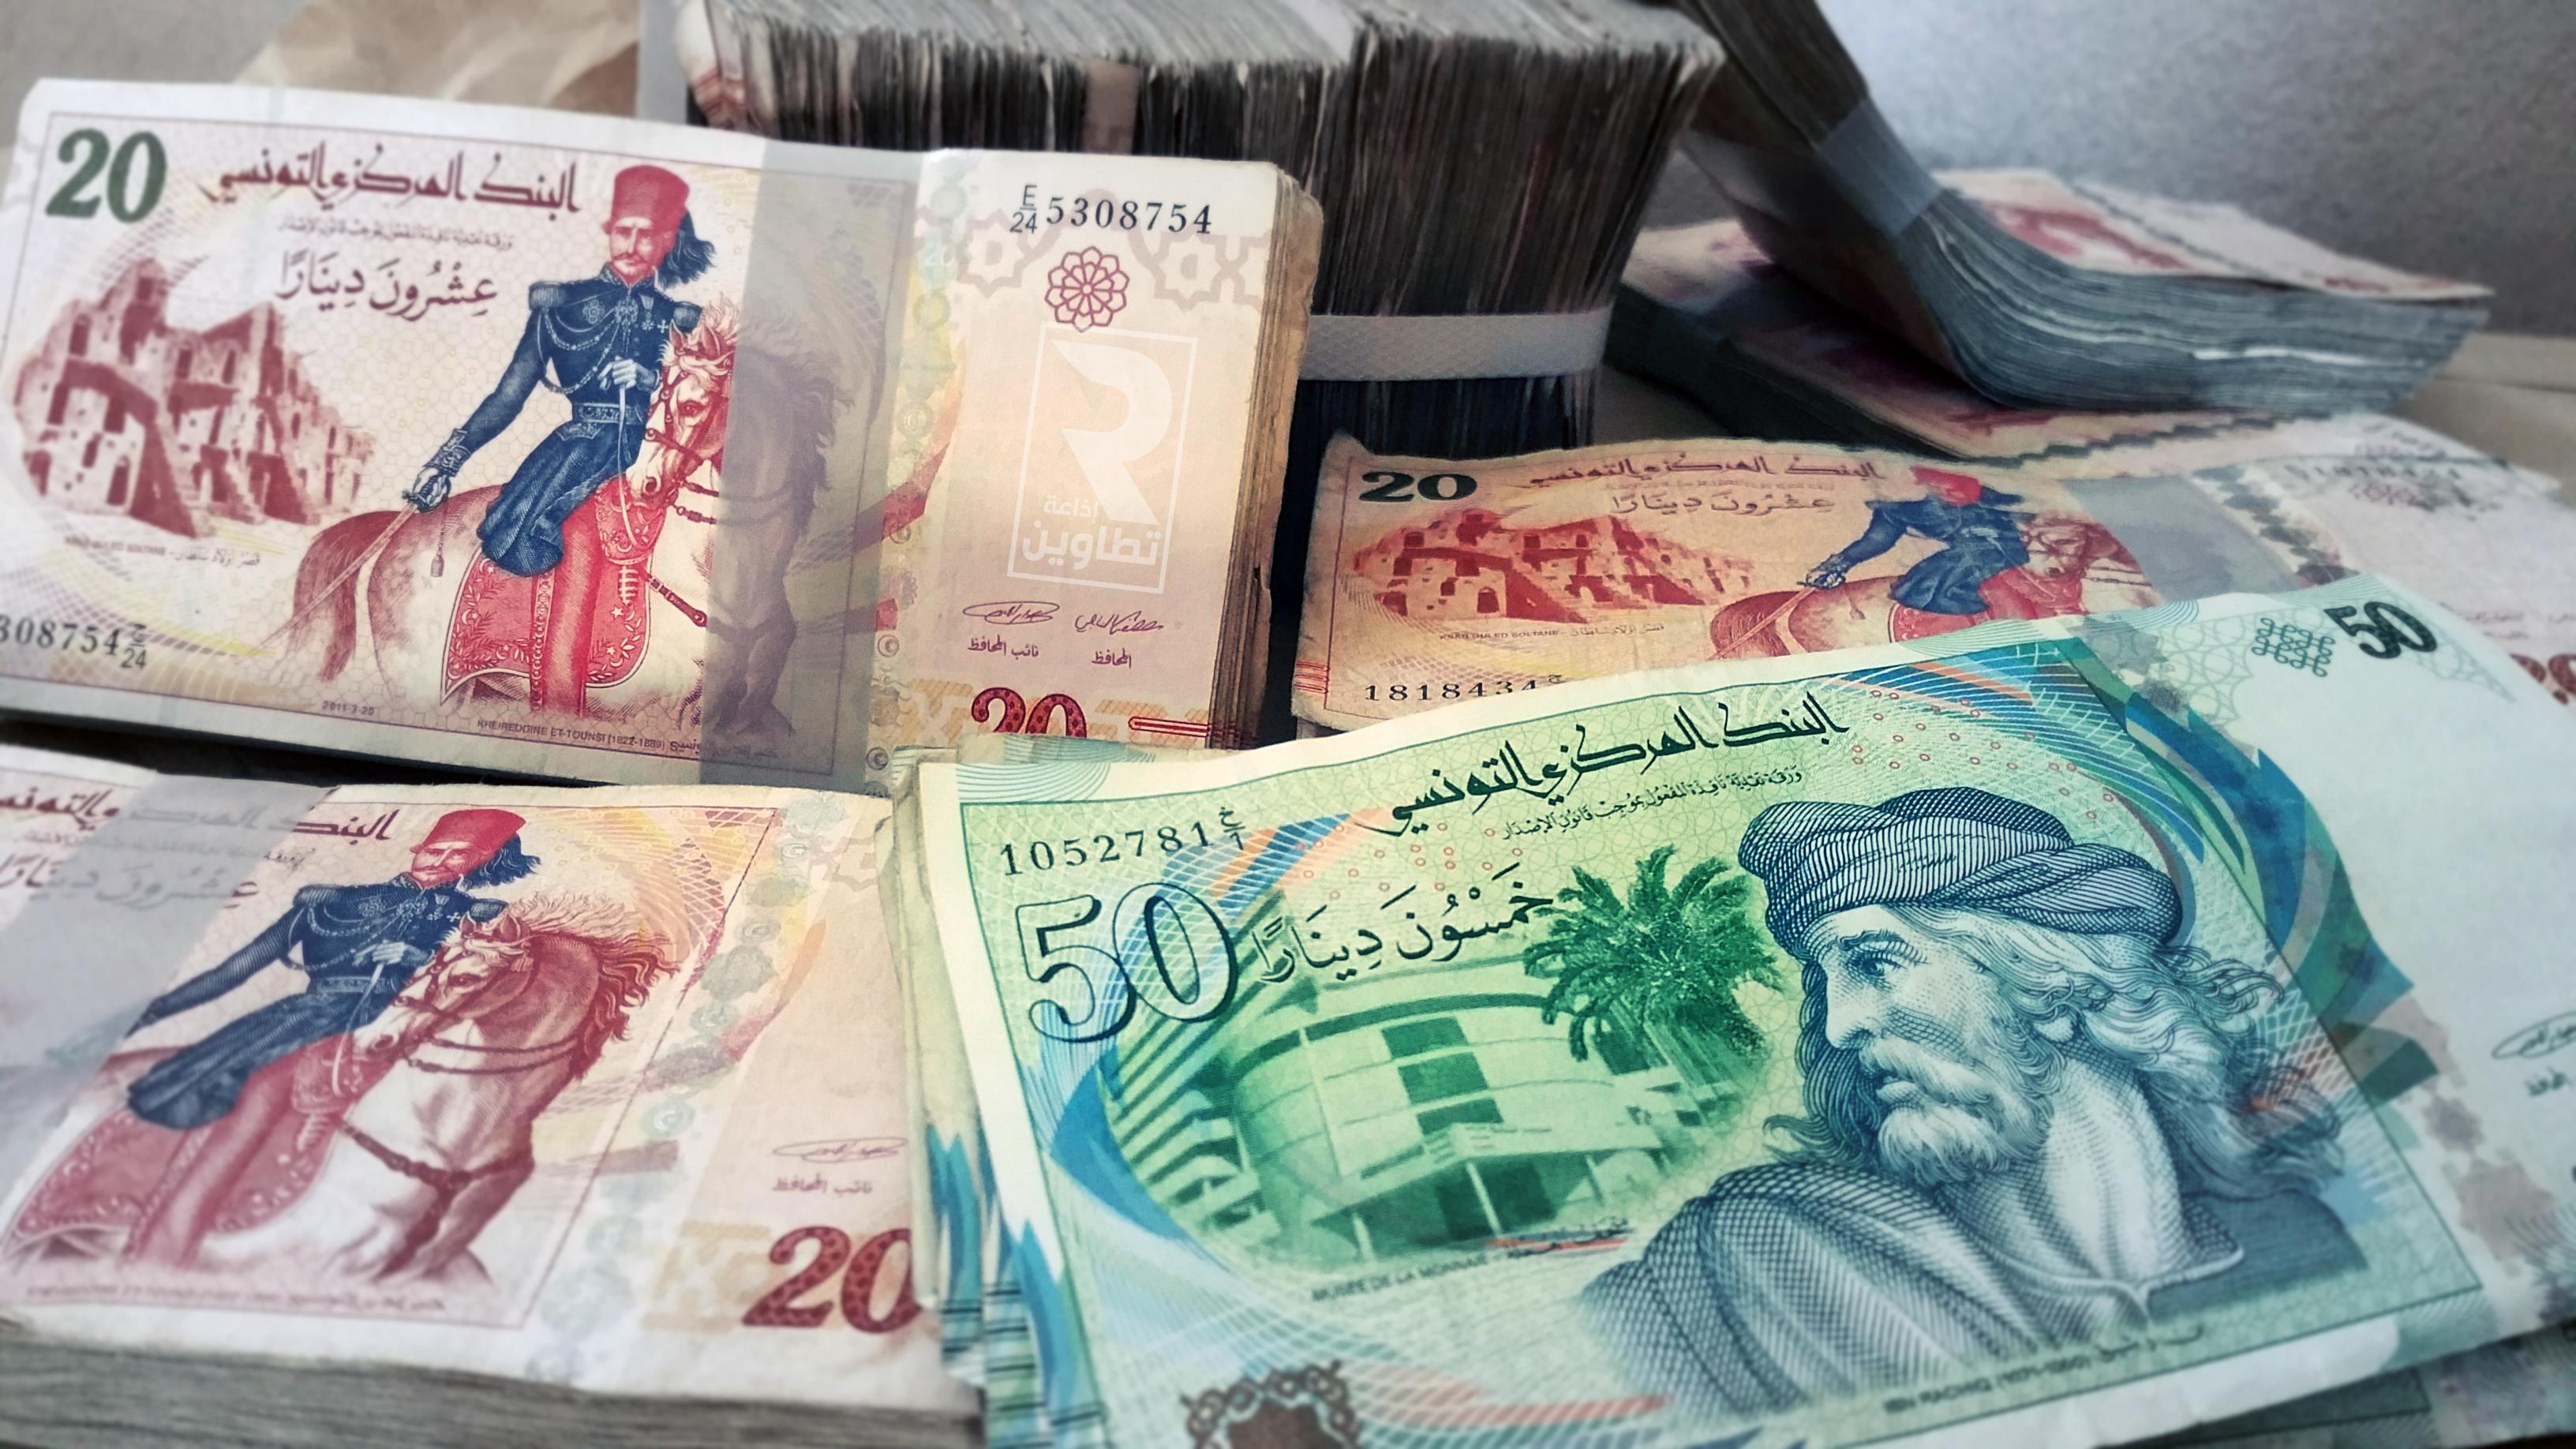 نظام الحد من التعامل نقدا في تونس يدخل طور العمل جوان 2019